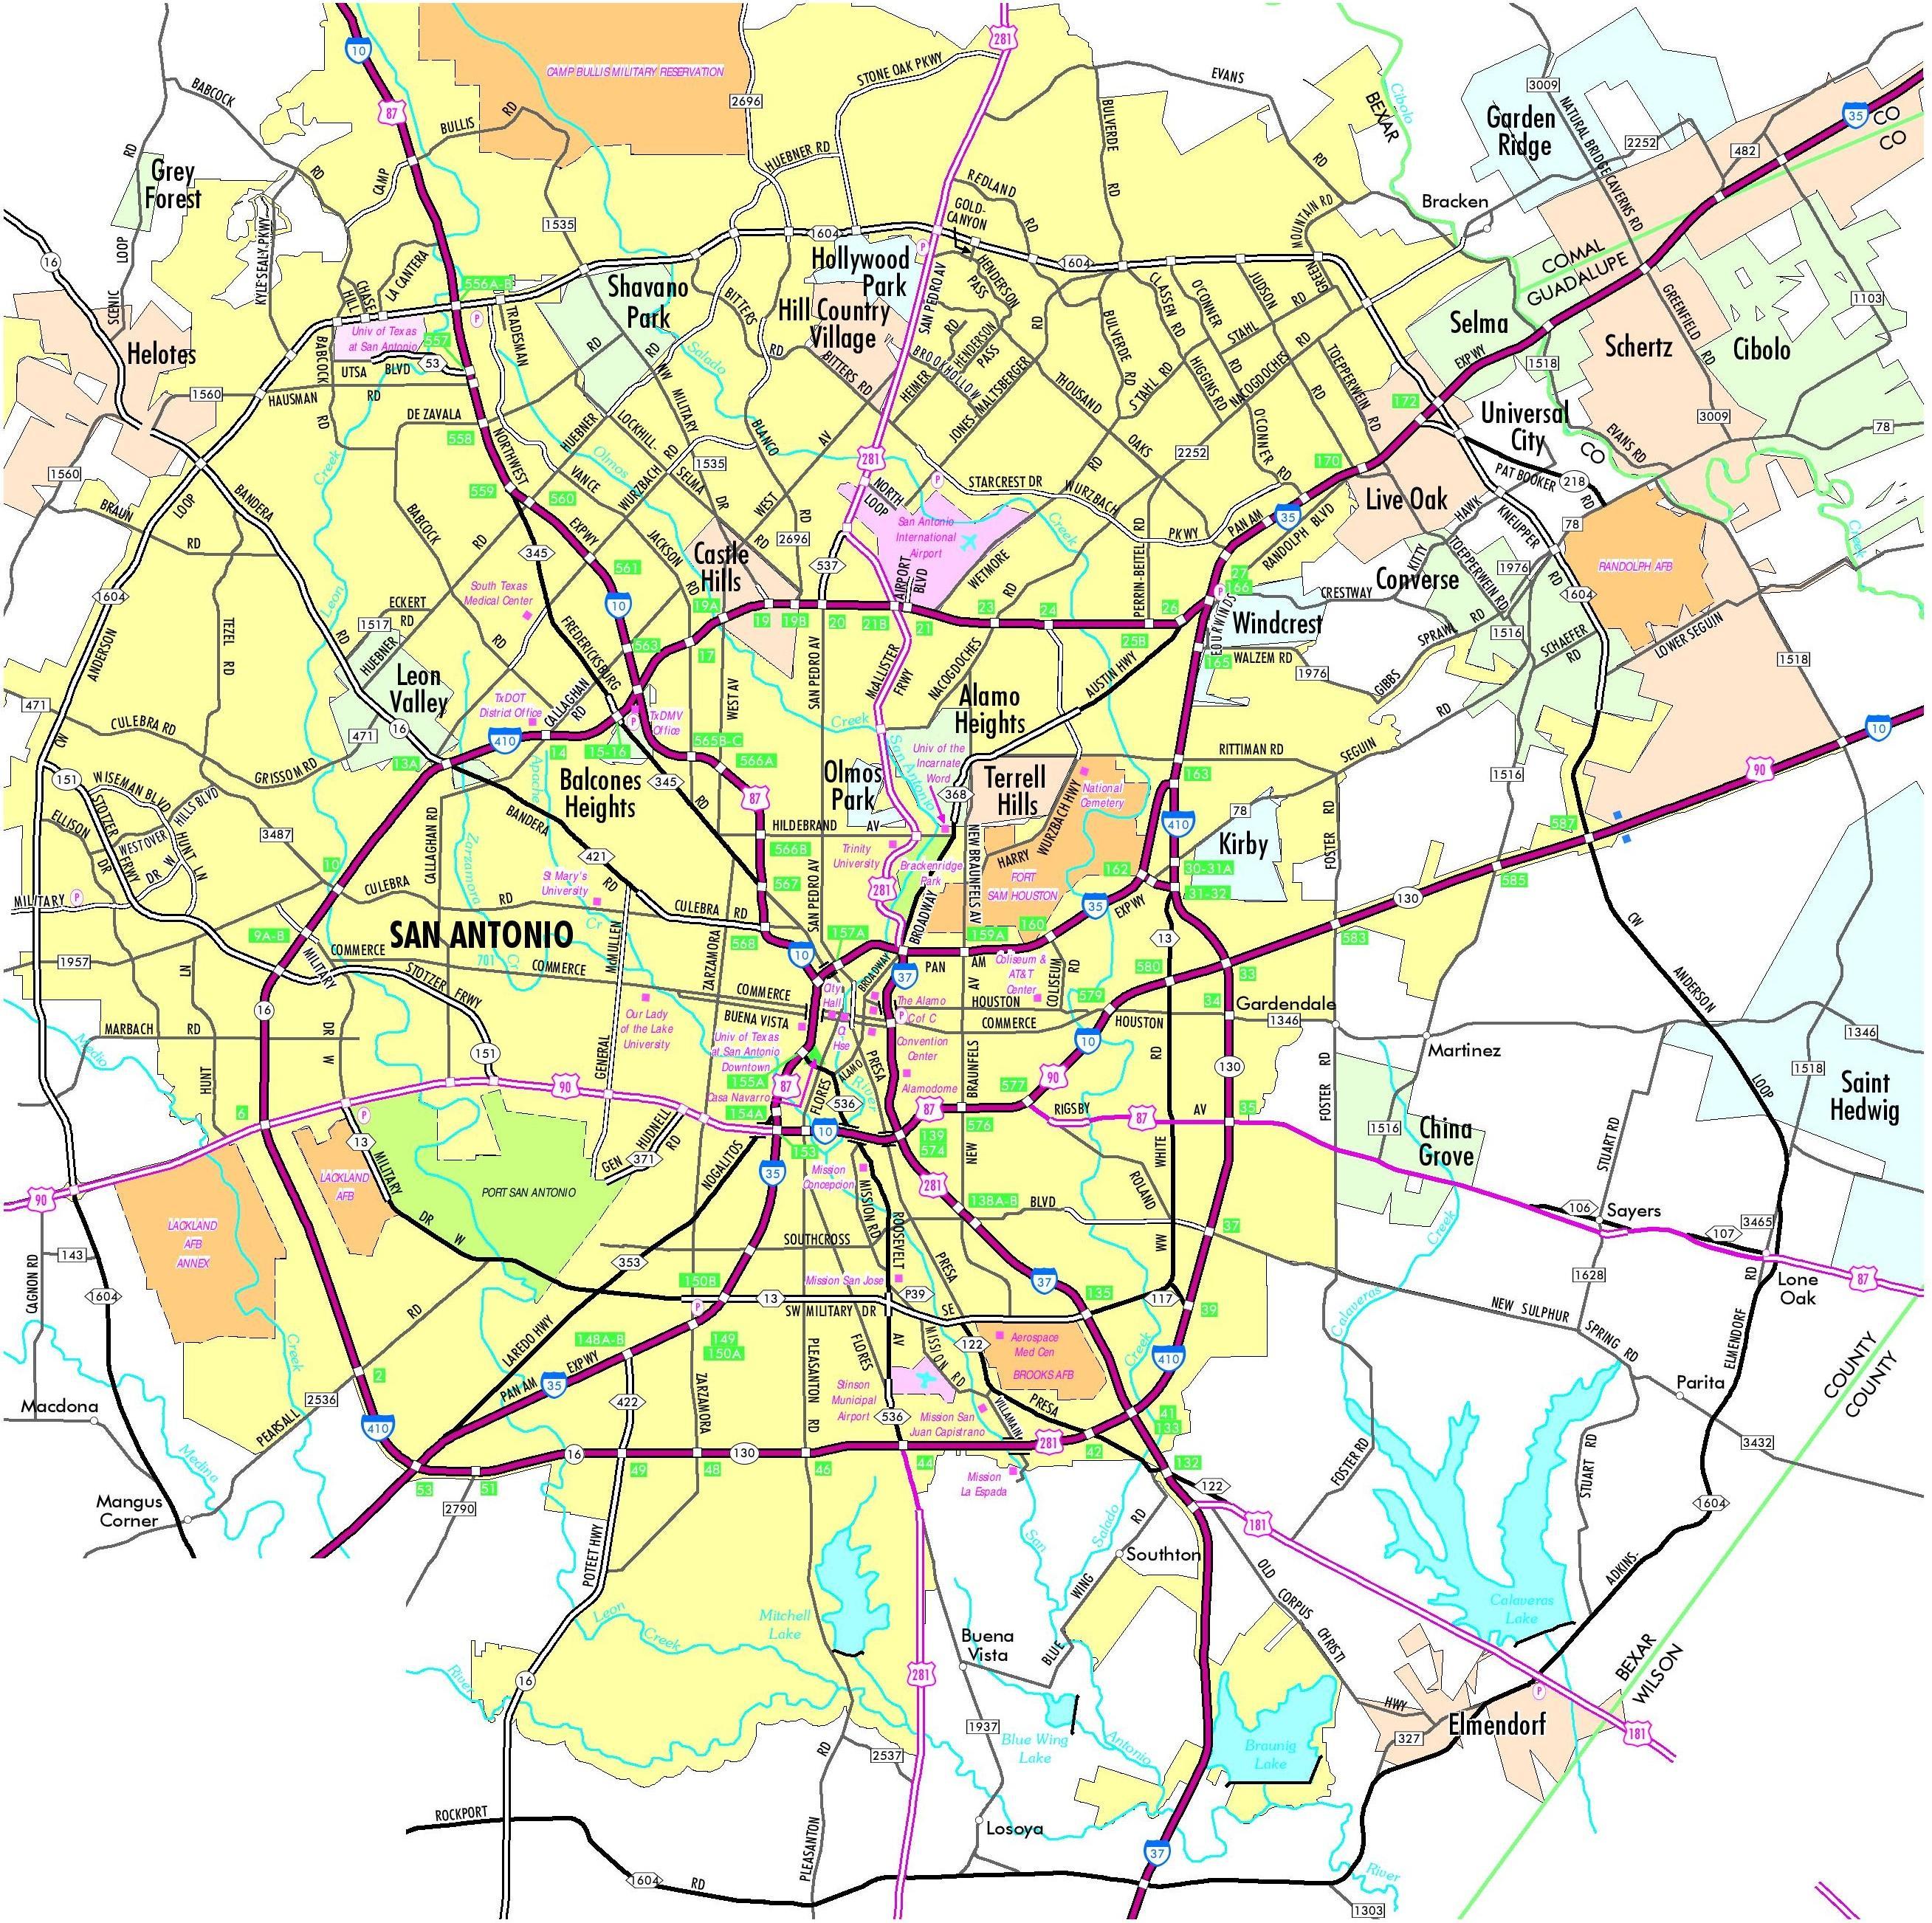 Carte De San Antonio, Texas - San Antonio De La Carte Du Texas - San Antonio Texas Maps